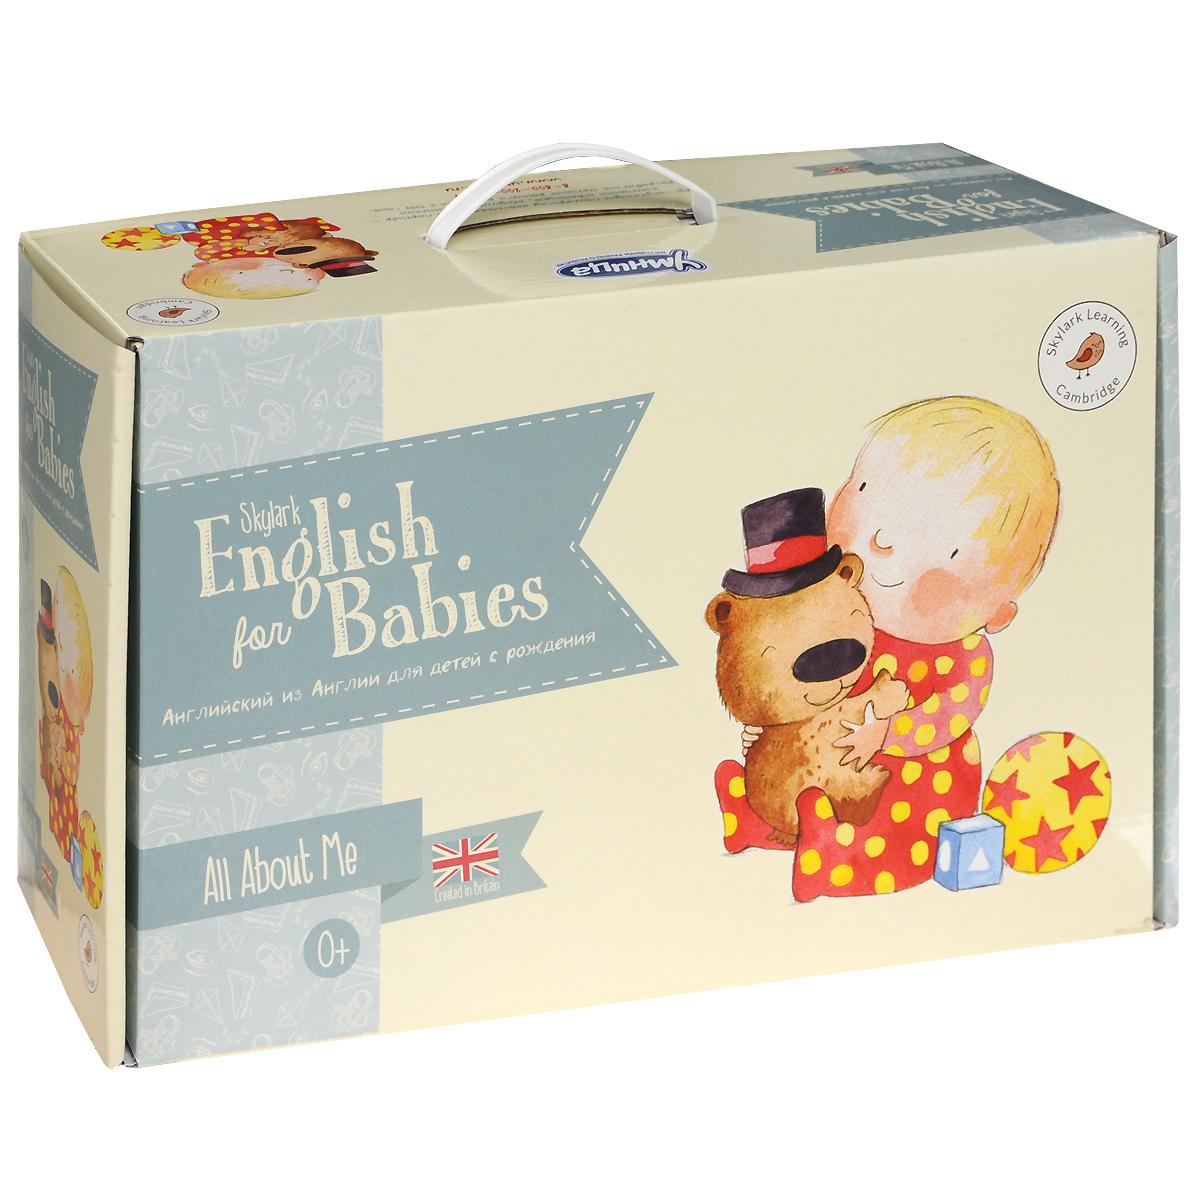 Skylark English for Babies: All About Me. Комплект для обучения детей английскому языку